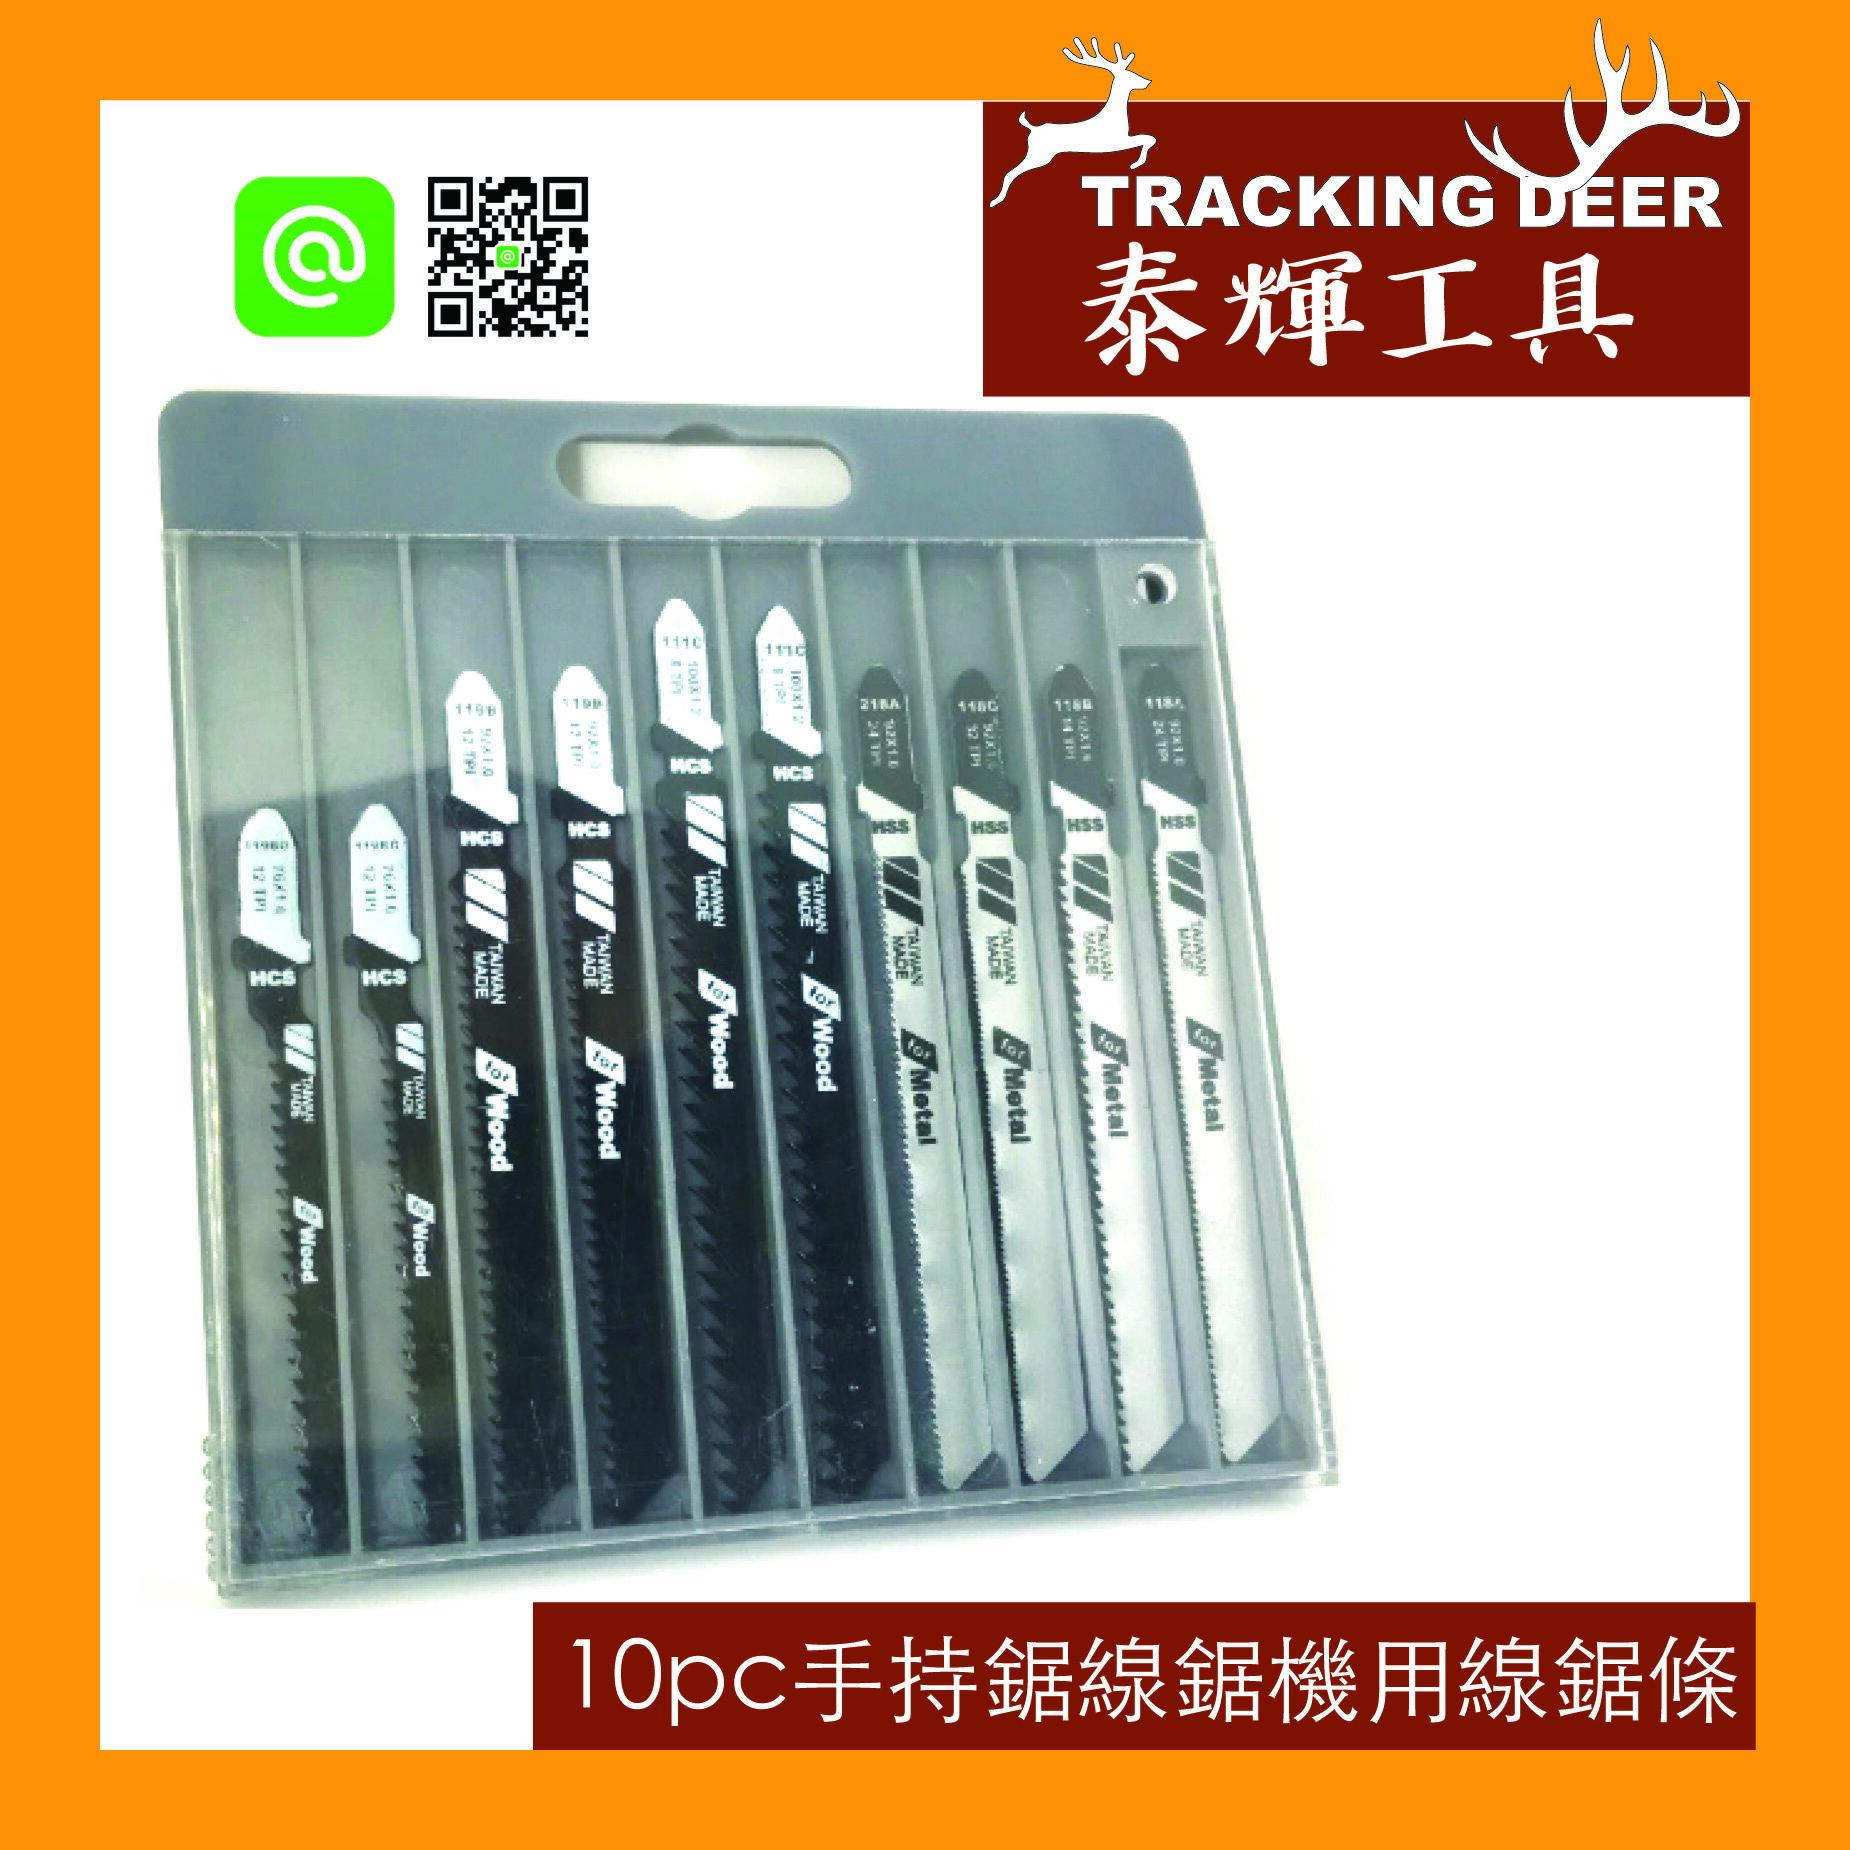 台灣製造 金工用 木工用 Bosch規格【10PC 線鋸片組】曲線鋸 手持線鋸機適用(10支/組) JS-1001